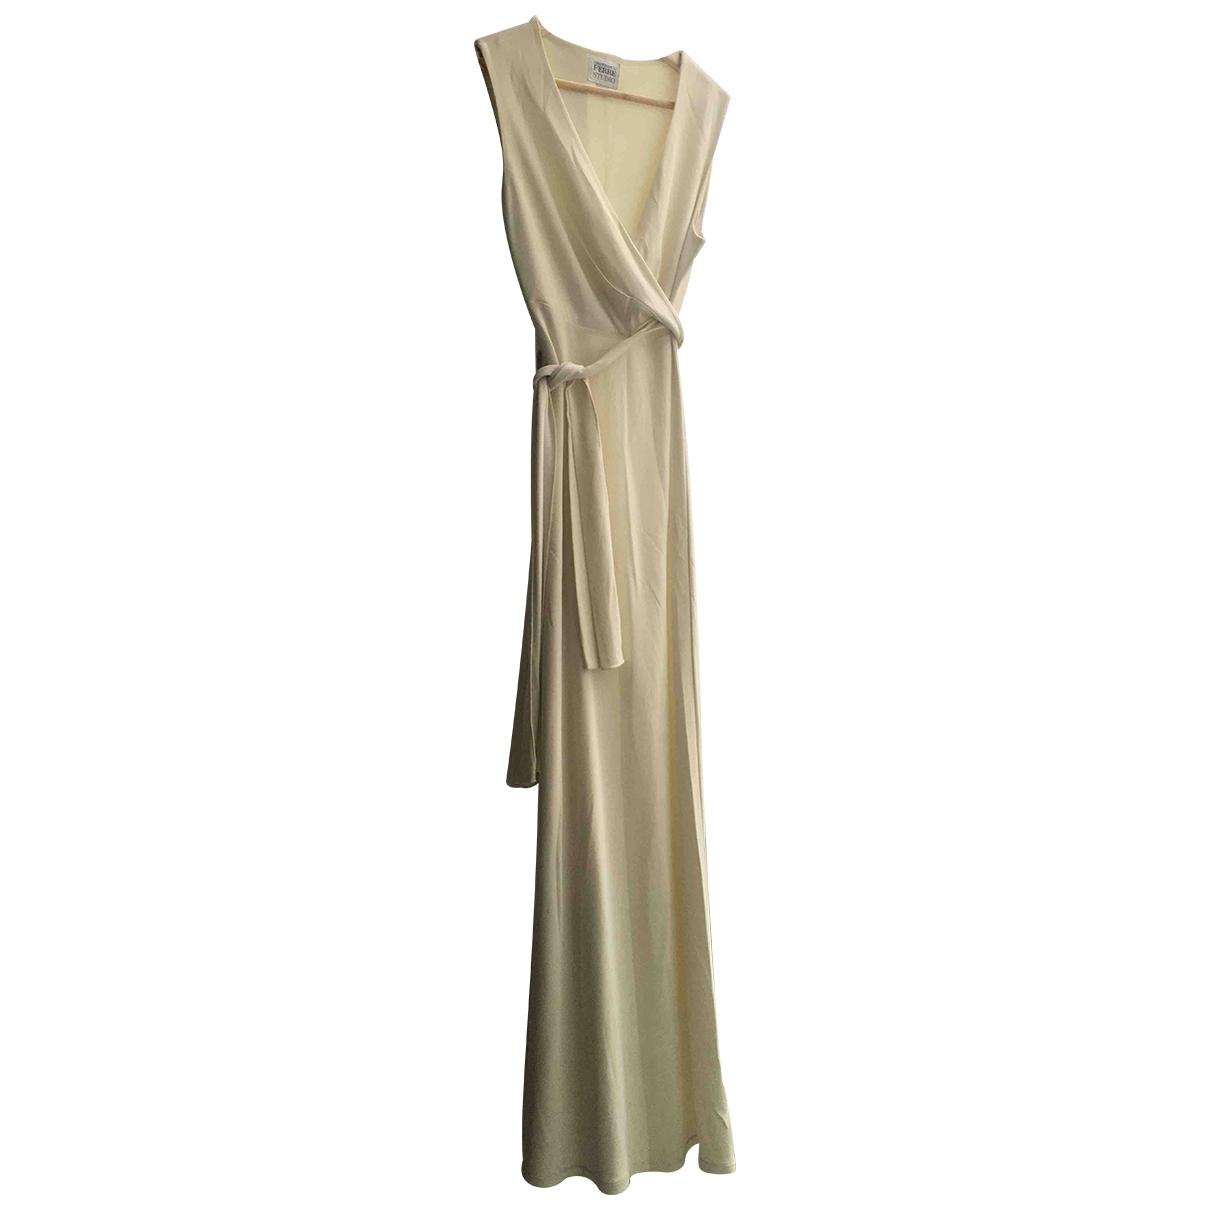 Gianfranco Ferré \N White dress for Women 44 IT